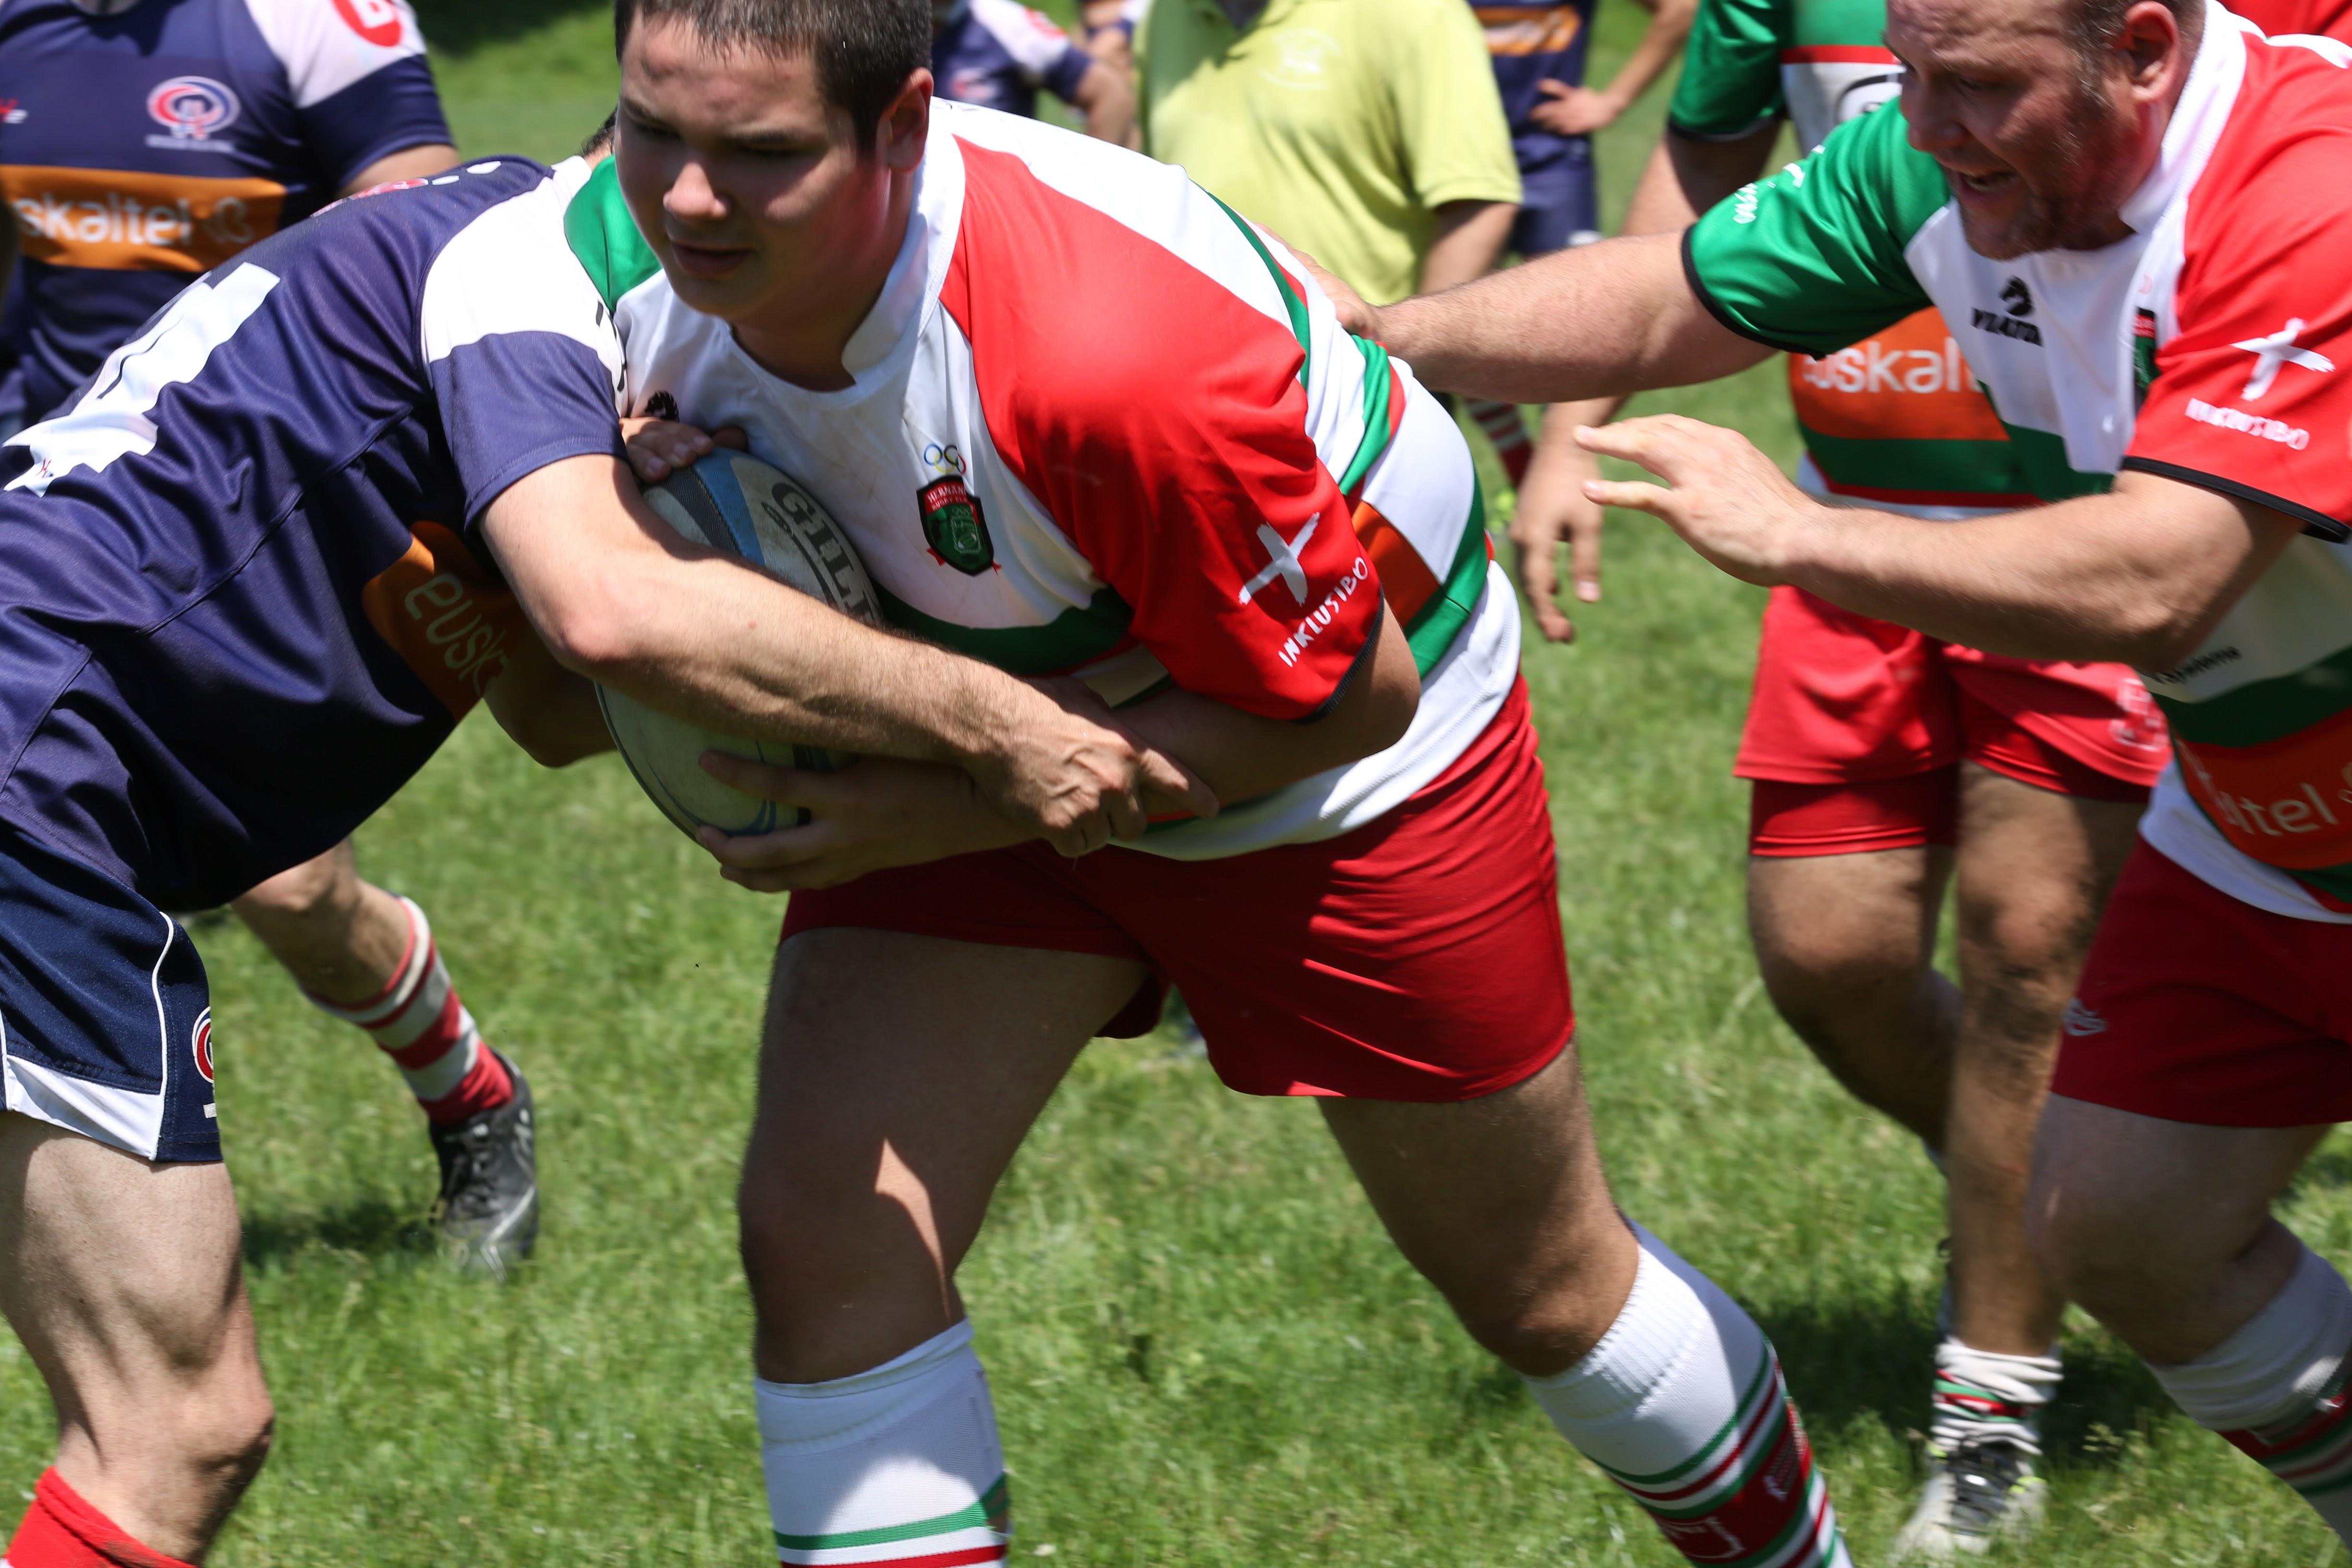 Un grupo de personas juega al rugby